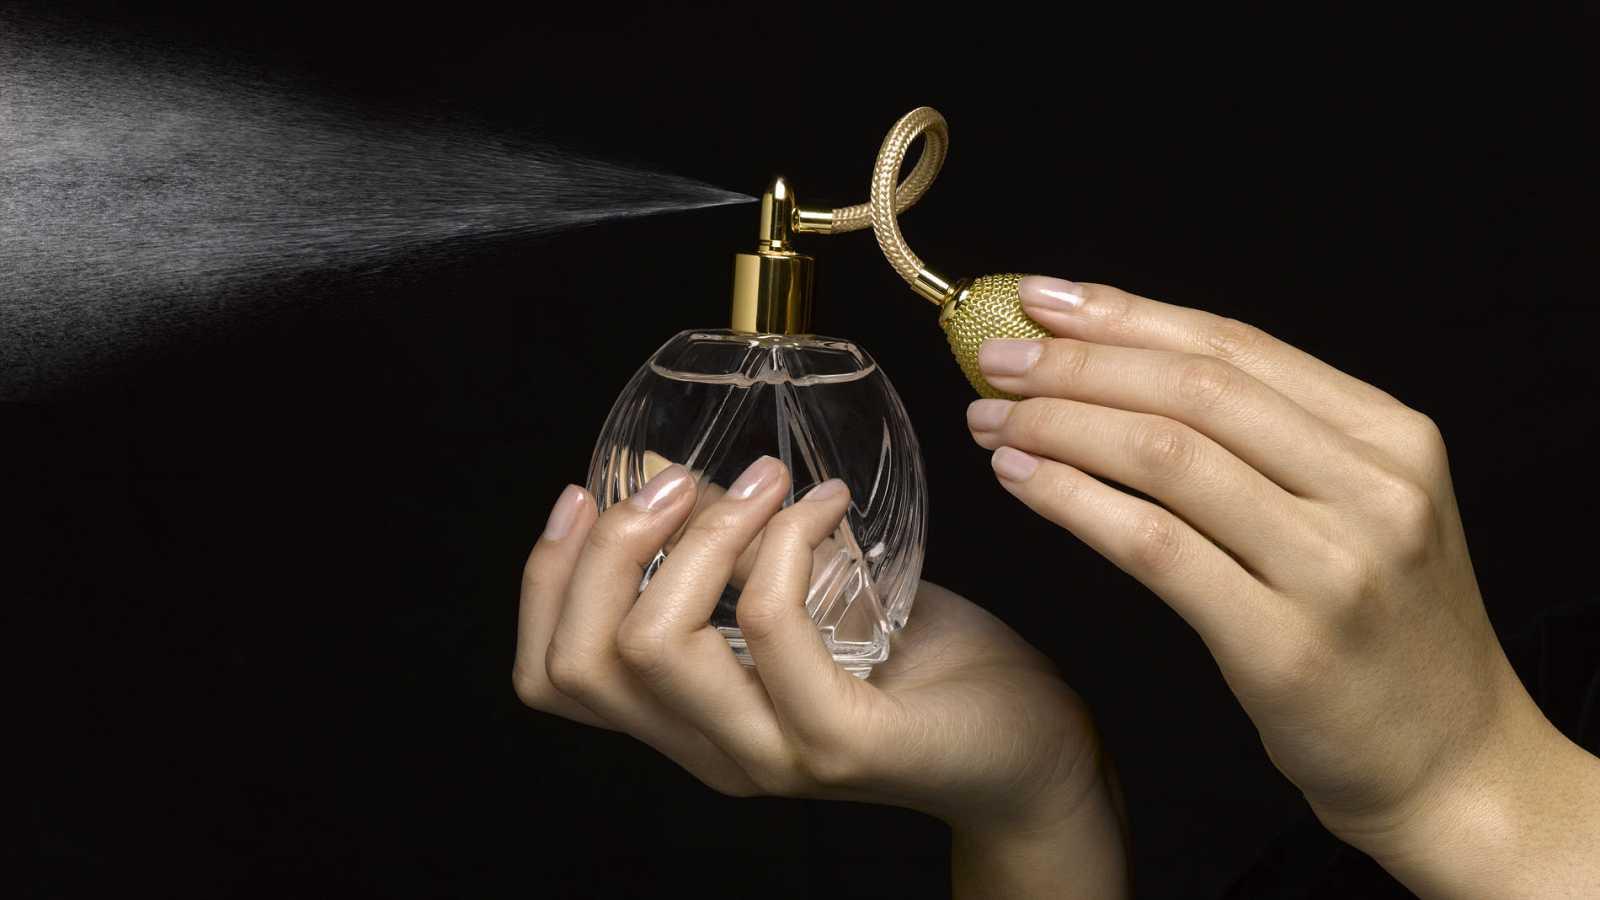 Elisabeth y Emilio, expertos de la Academia del Perfume - RTVE.es